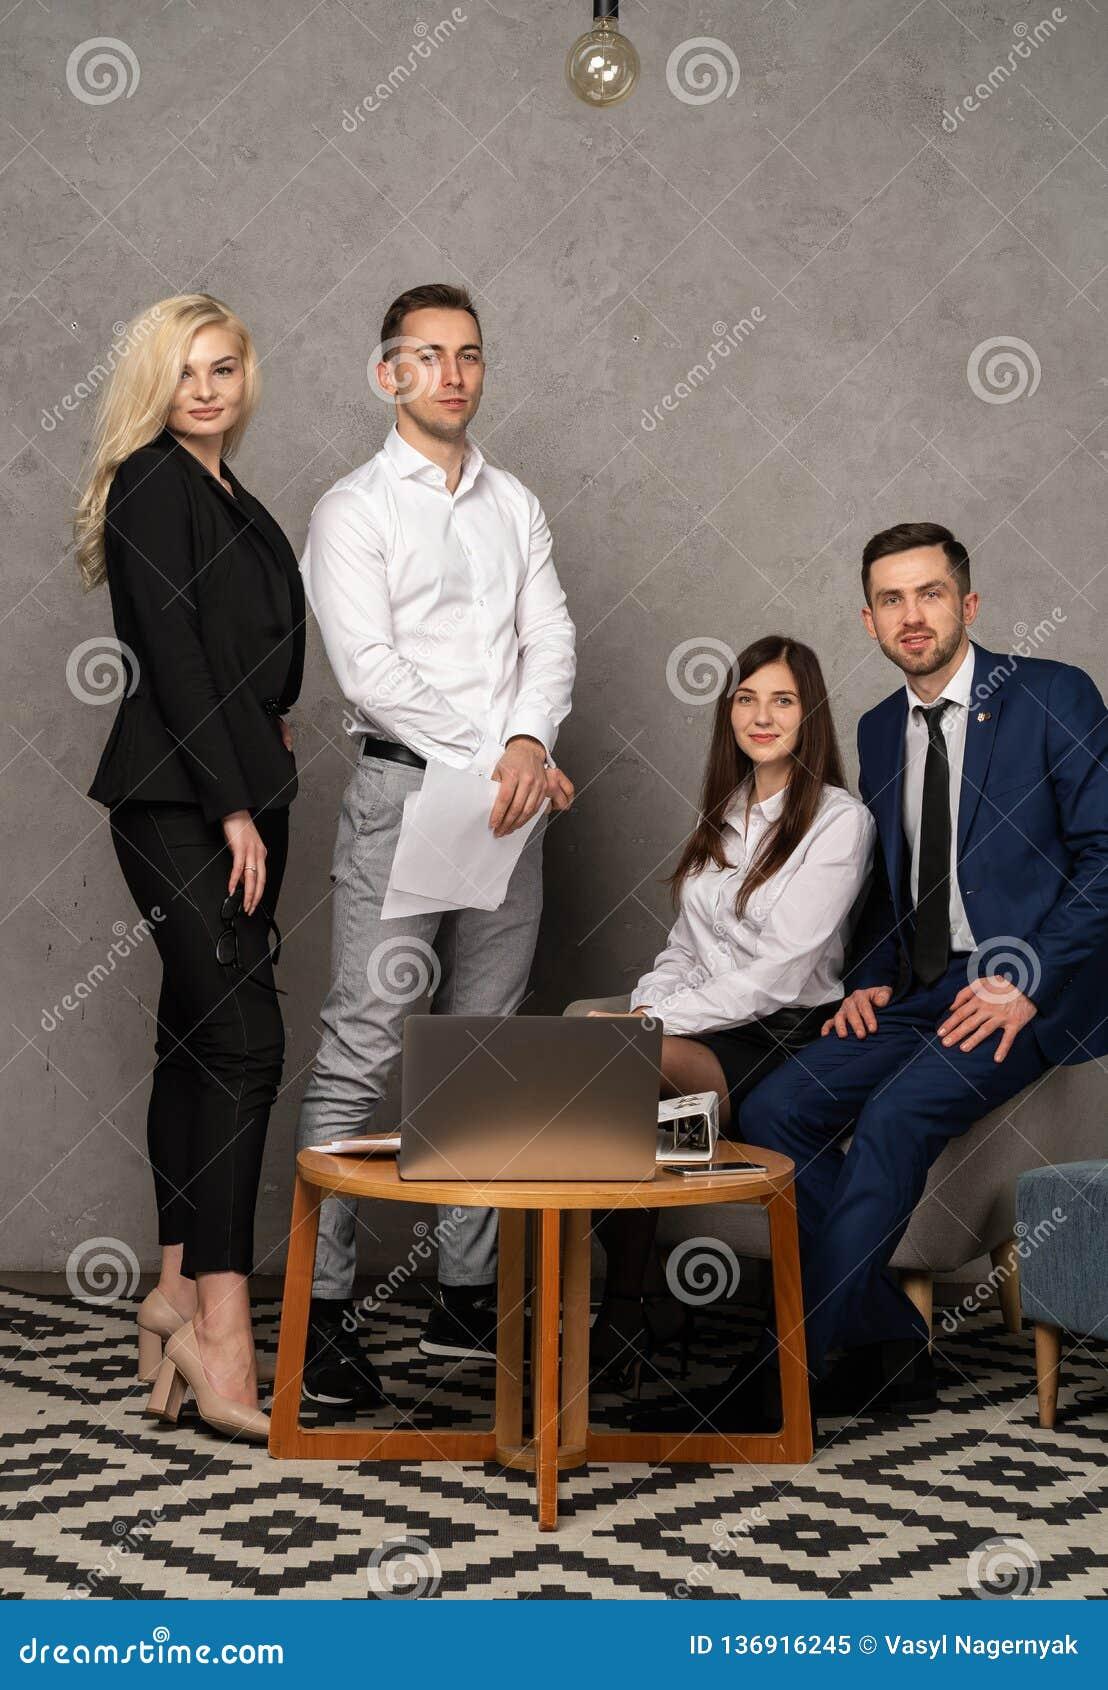 Retrato del grupo del equipo profesional del negocio que mira con confianza la cámara